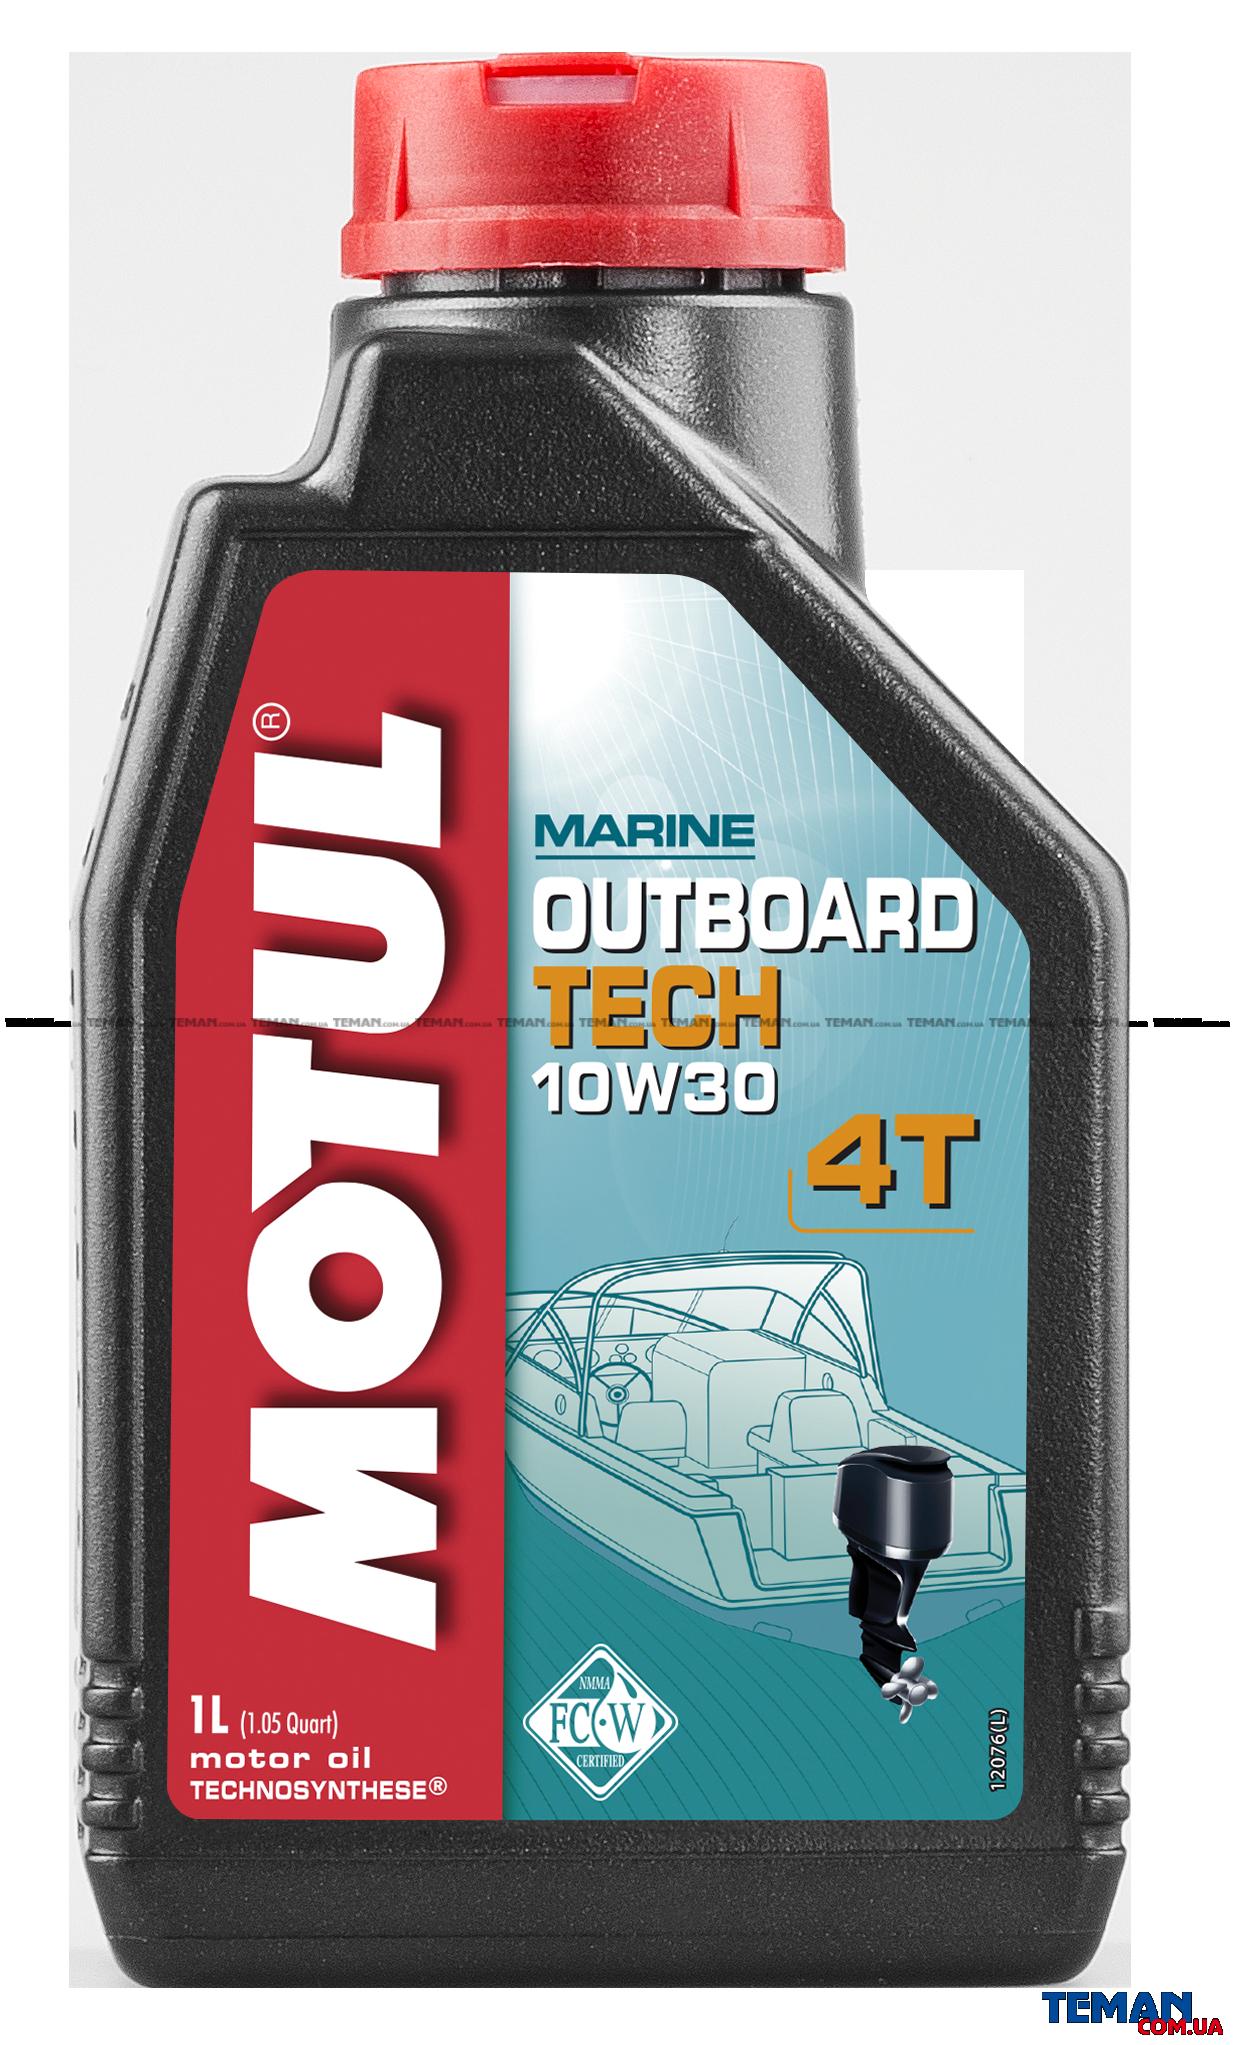 Масло для 4-х тактных бензиновых двигателей Outboard Tech 4T SAE 10W30, 1 л